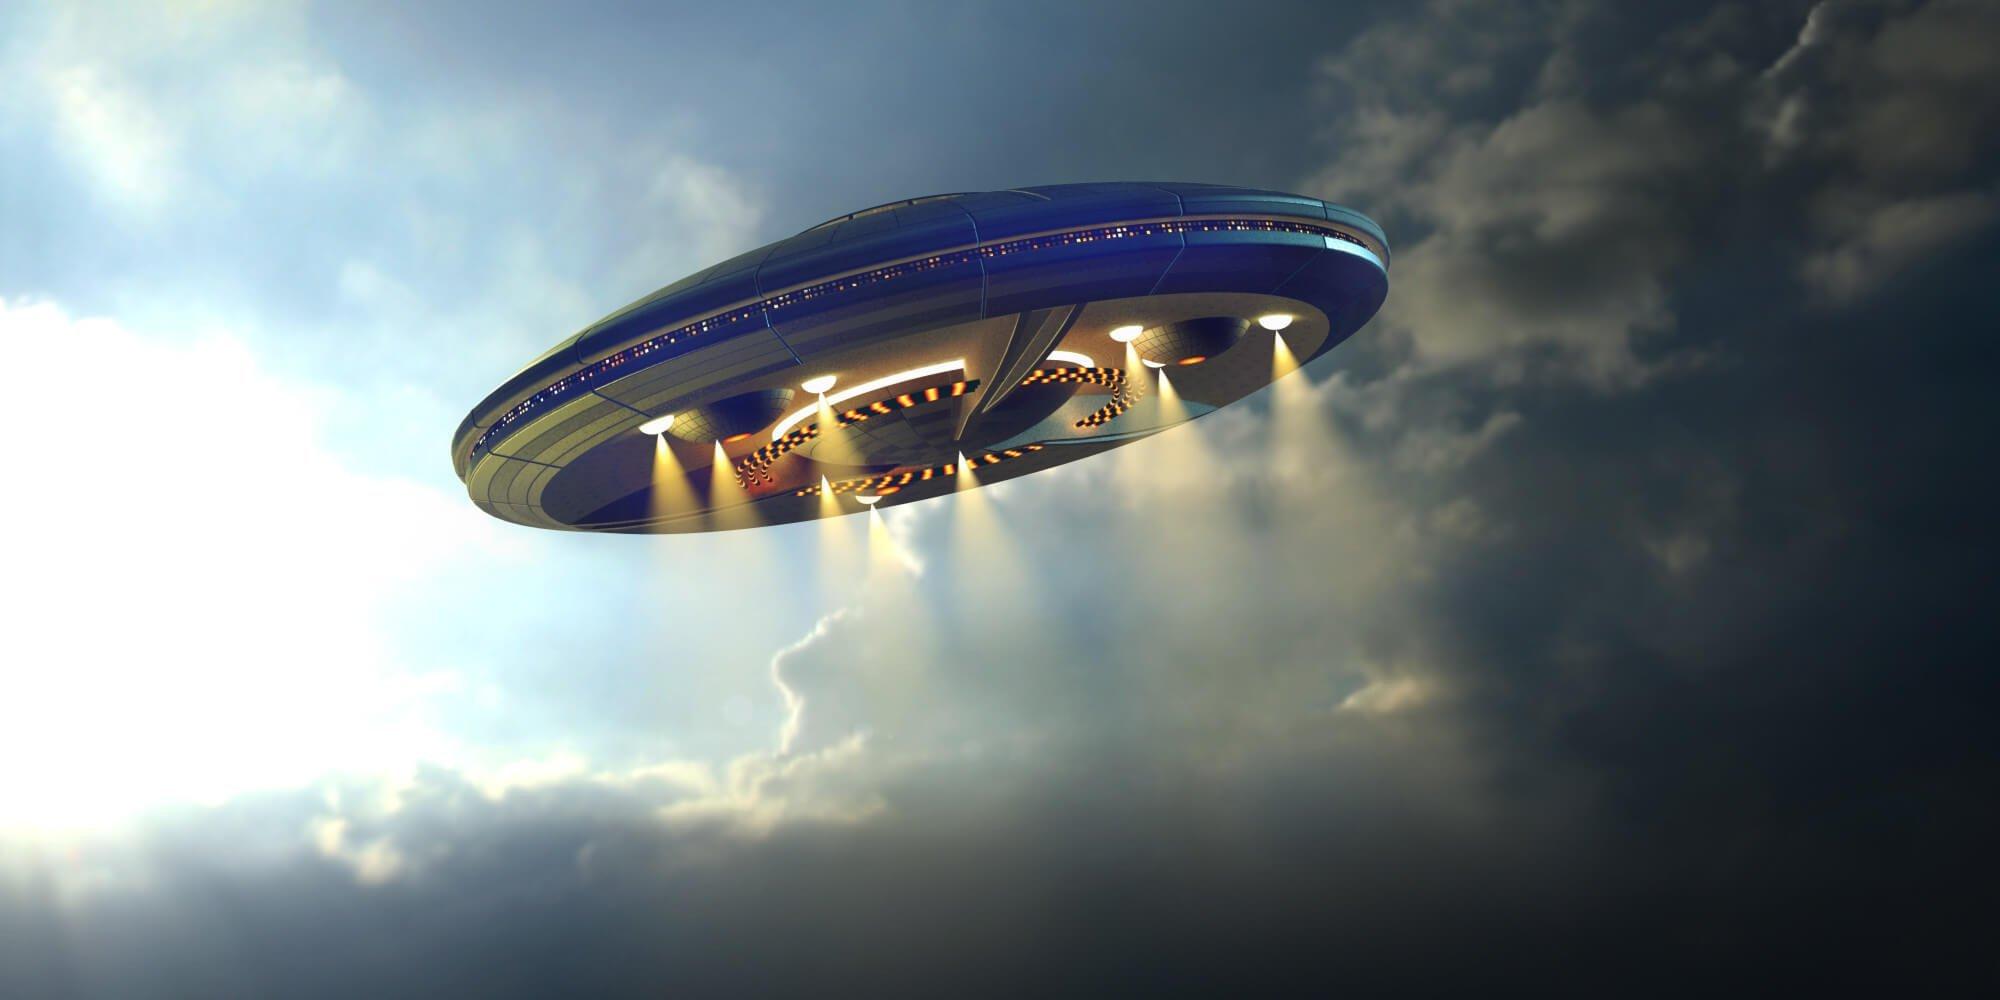 На фото Google Maps обнаружили серебристый НЛО